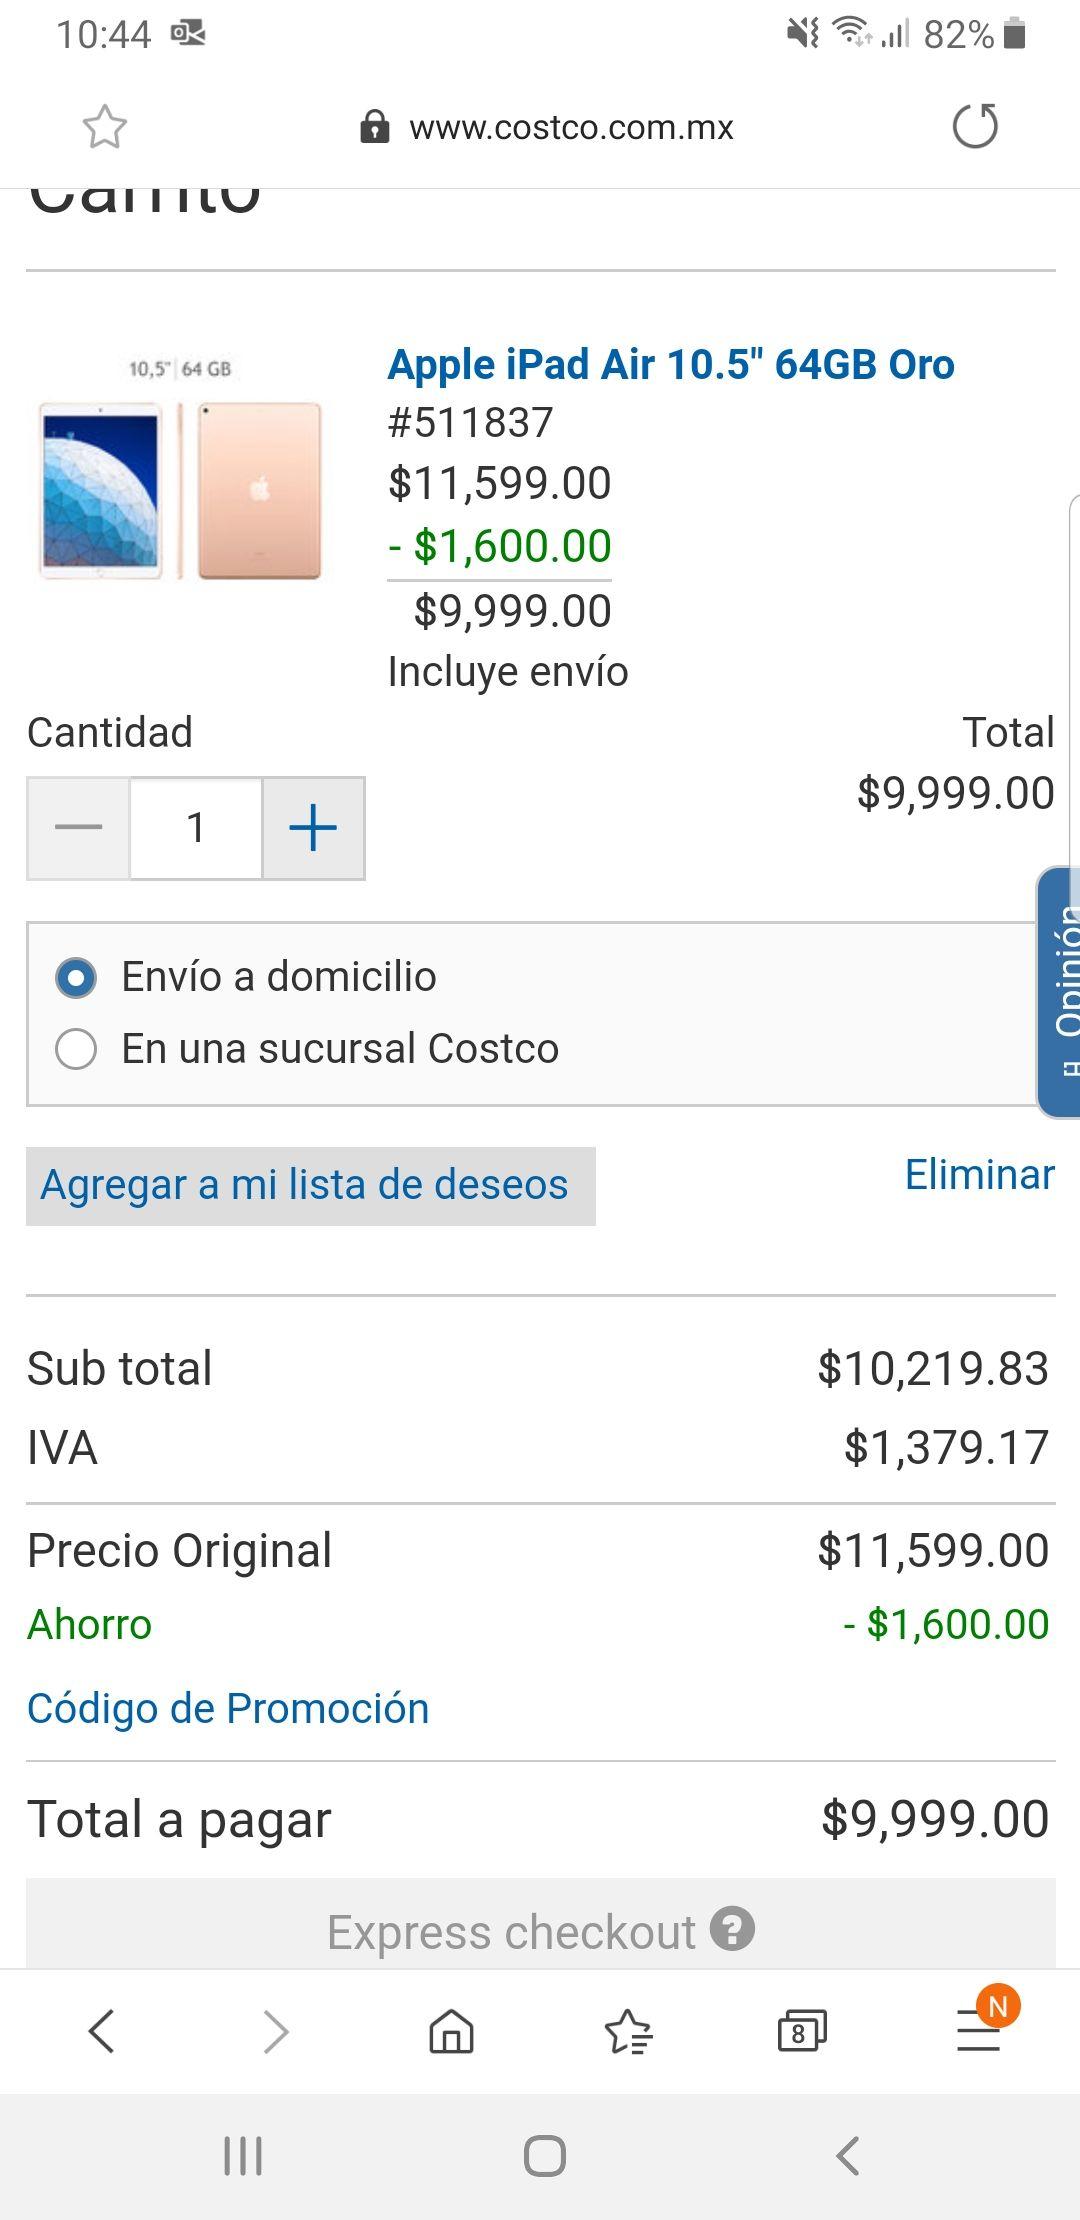 Costco Ipad air 64gb pagando con citibanamex